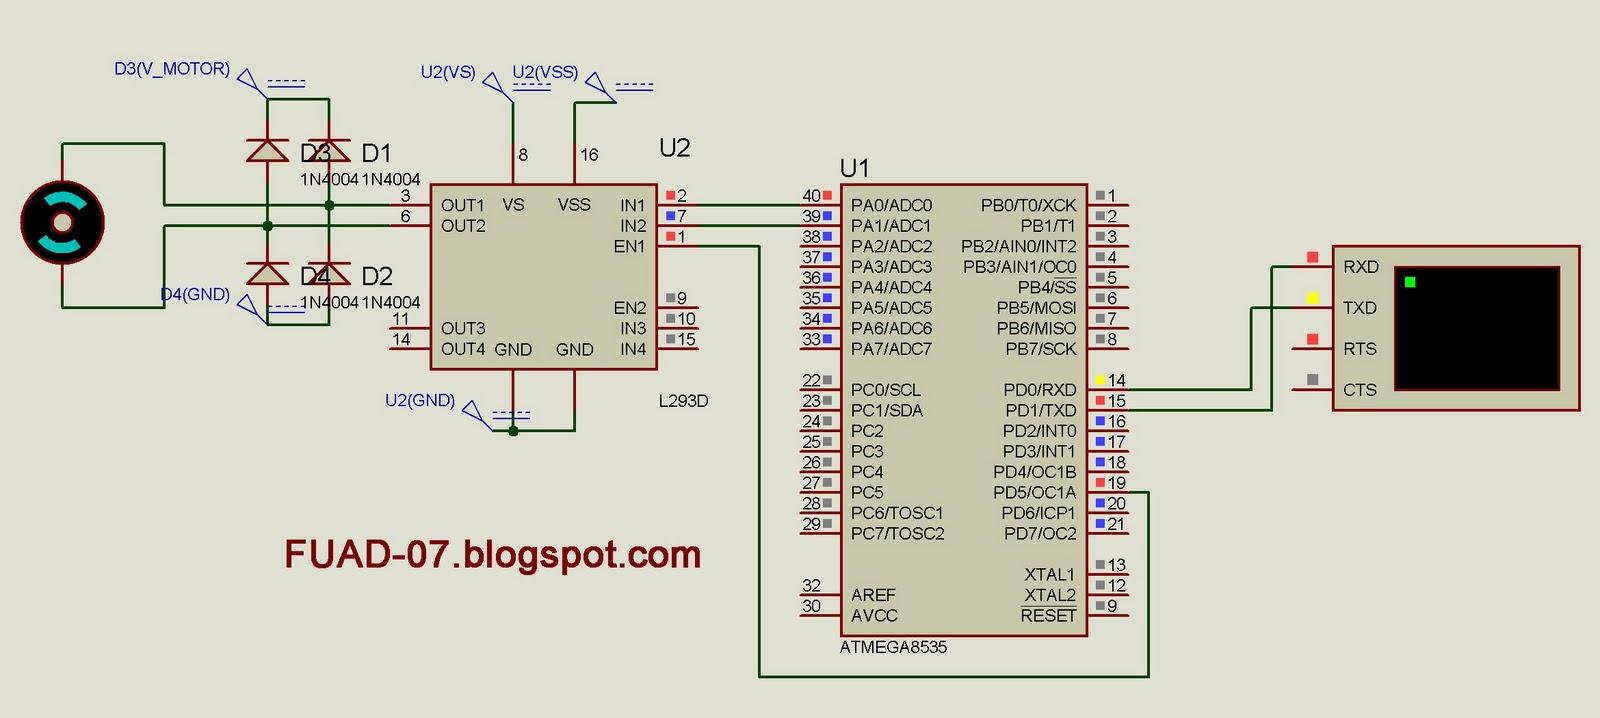 Pemrograman Atmega8535 Dengan Codevision Avr Part 8 Lets Make A Programmable Line Follower Robot Based Microcontroller Pada Latihan Usartini Saya Membuat Simulasi Tentang Komunikasi Mikrokontroler Usart Dan Di Outputkan Ke Motor Dcjadi Inti Dari